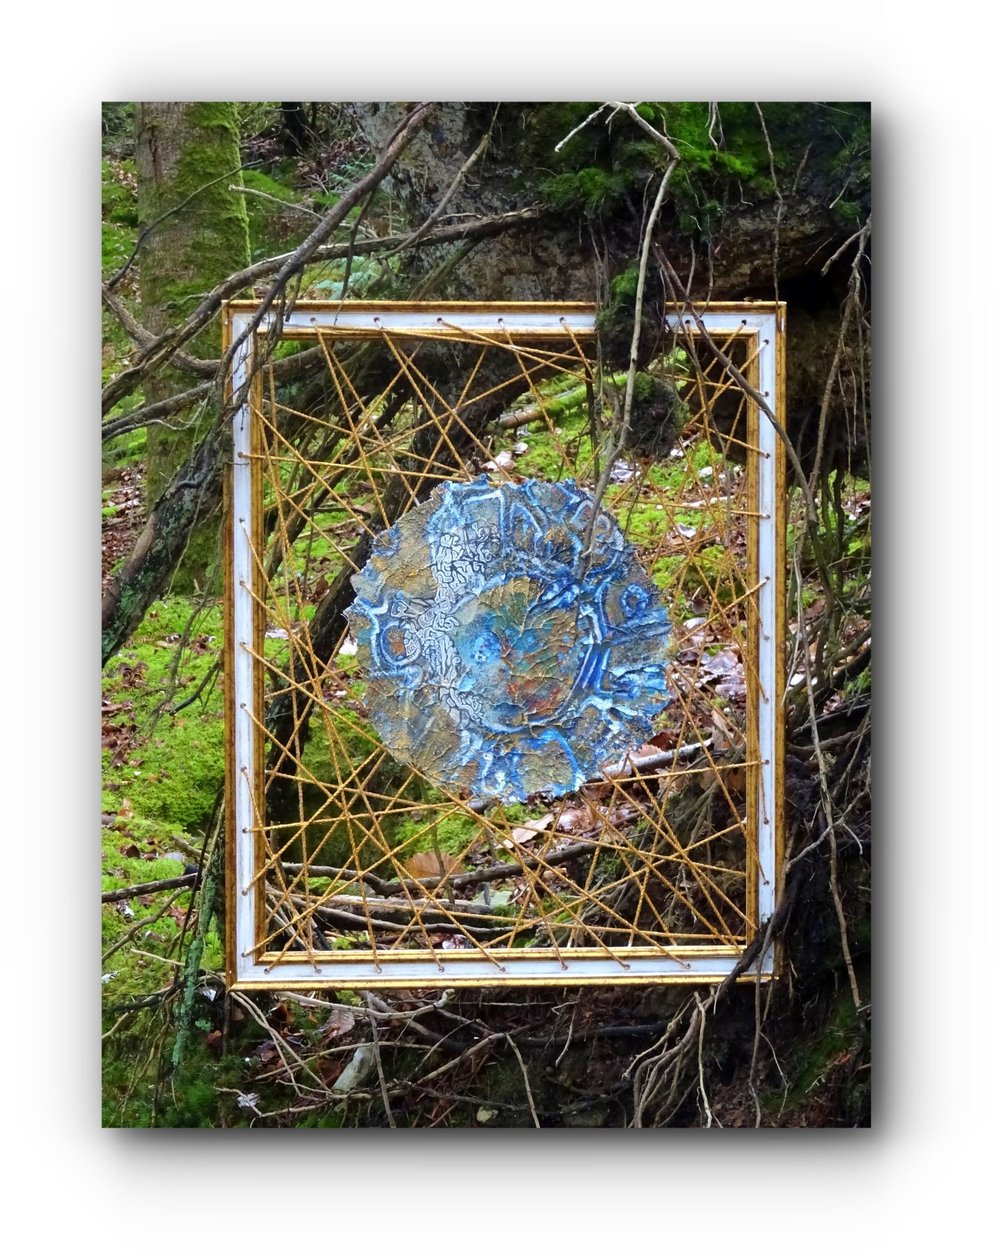 photography-loc-envel-8-artist-duo-ingress-vortices.jpg